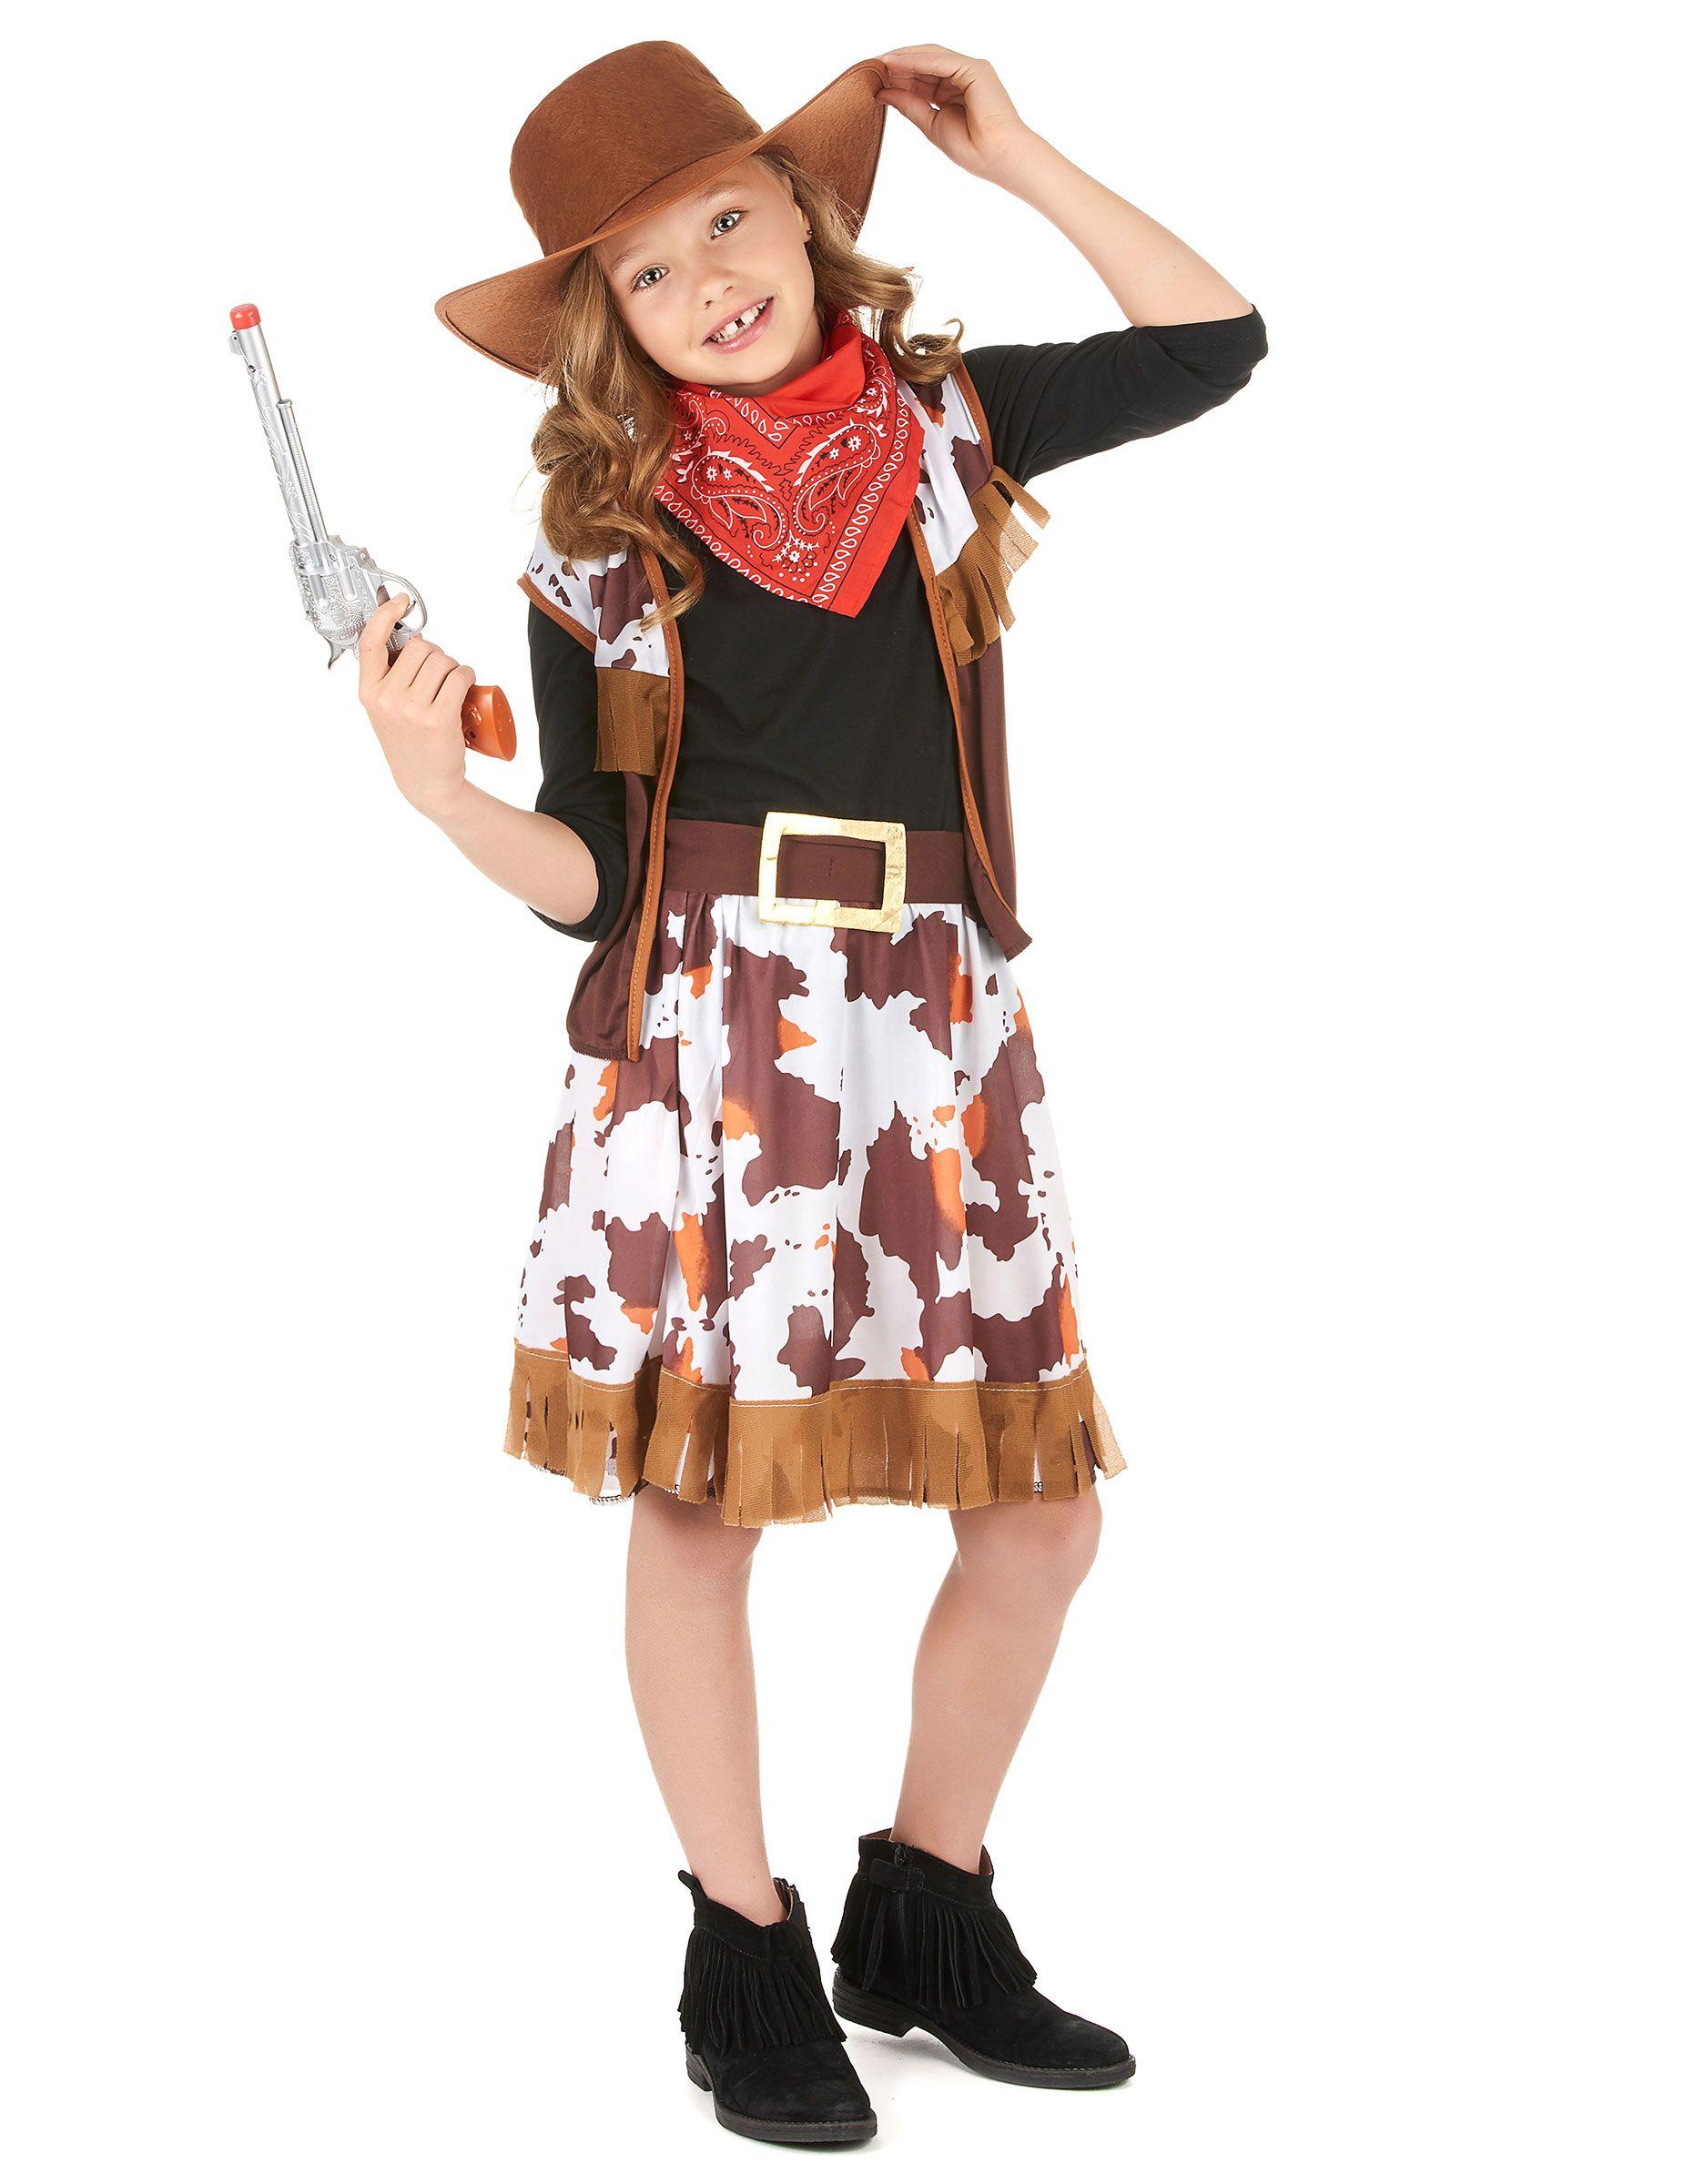 Disfraz vaquera niña: Disfraces niños,y disfraces originales baratos - Vegaoo